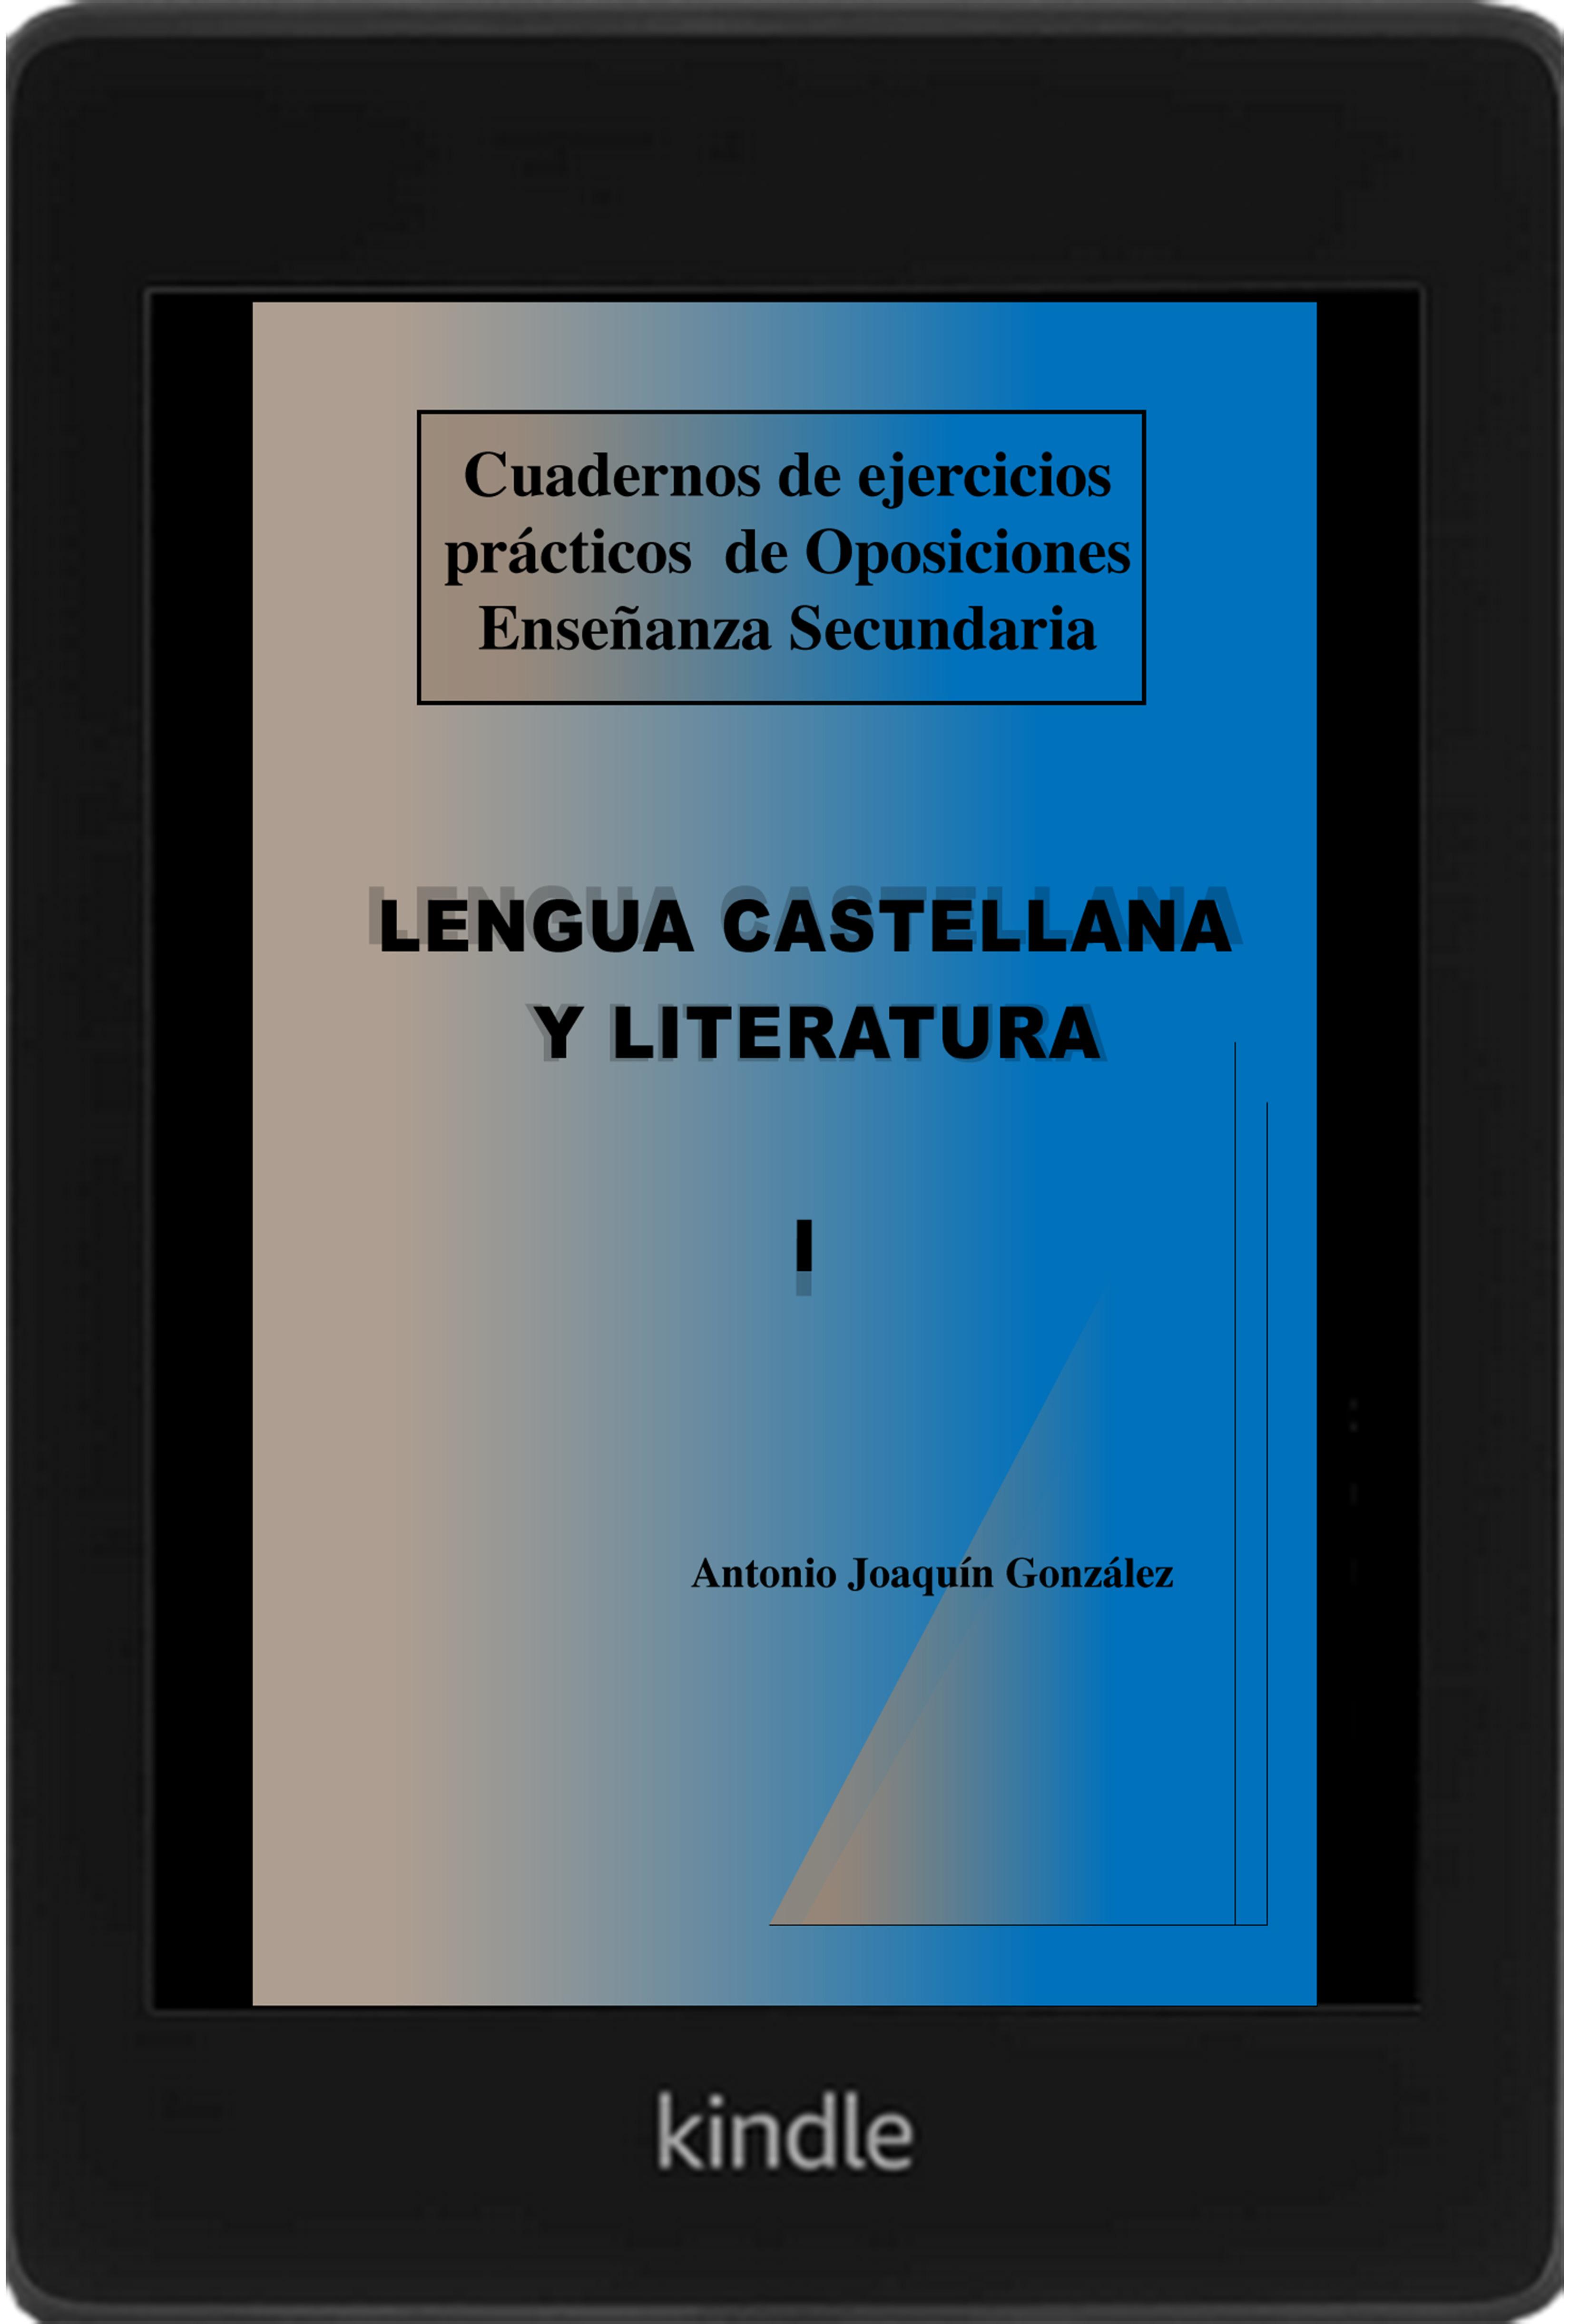 Cuadernos de ejercicios prácticos de Oposiciones. Enseñanza Secundaria